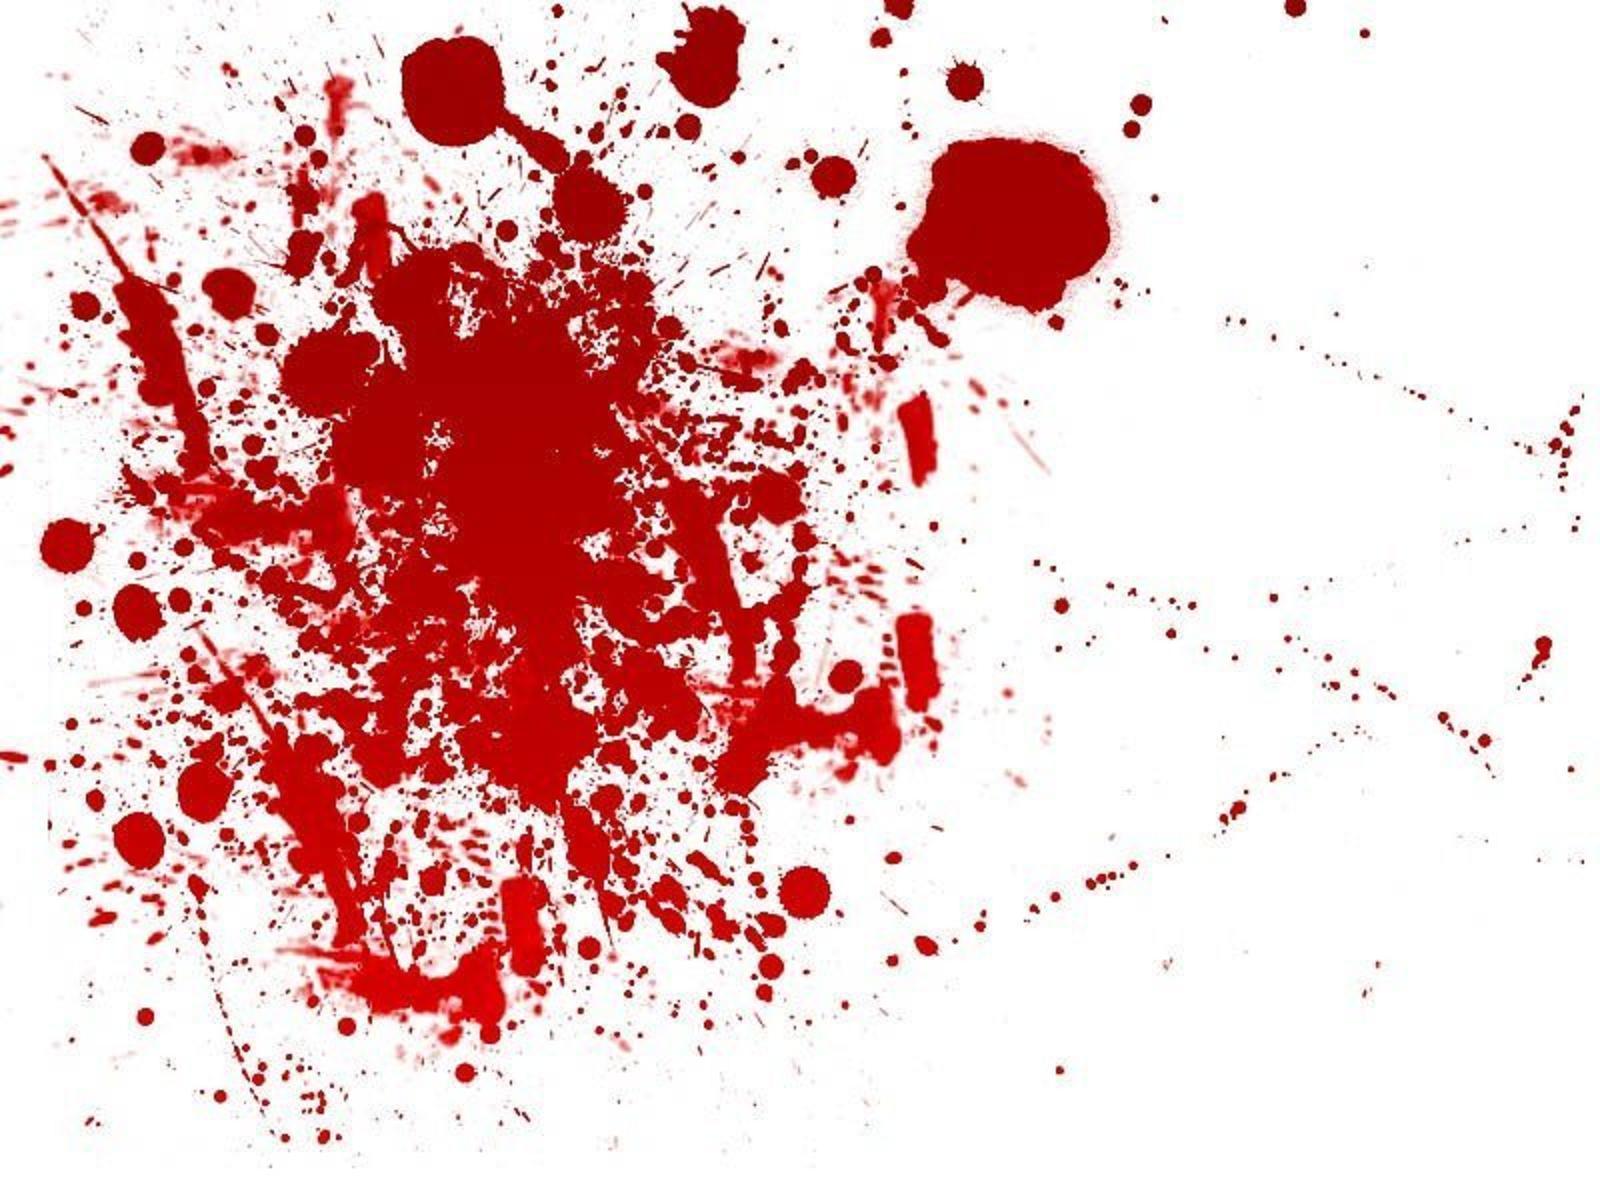 blood-human-blood-22467979-1600-1200